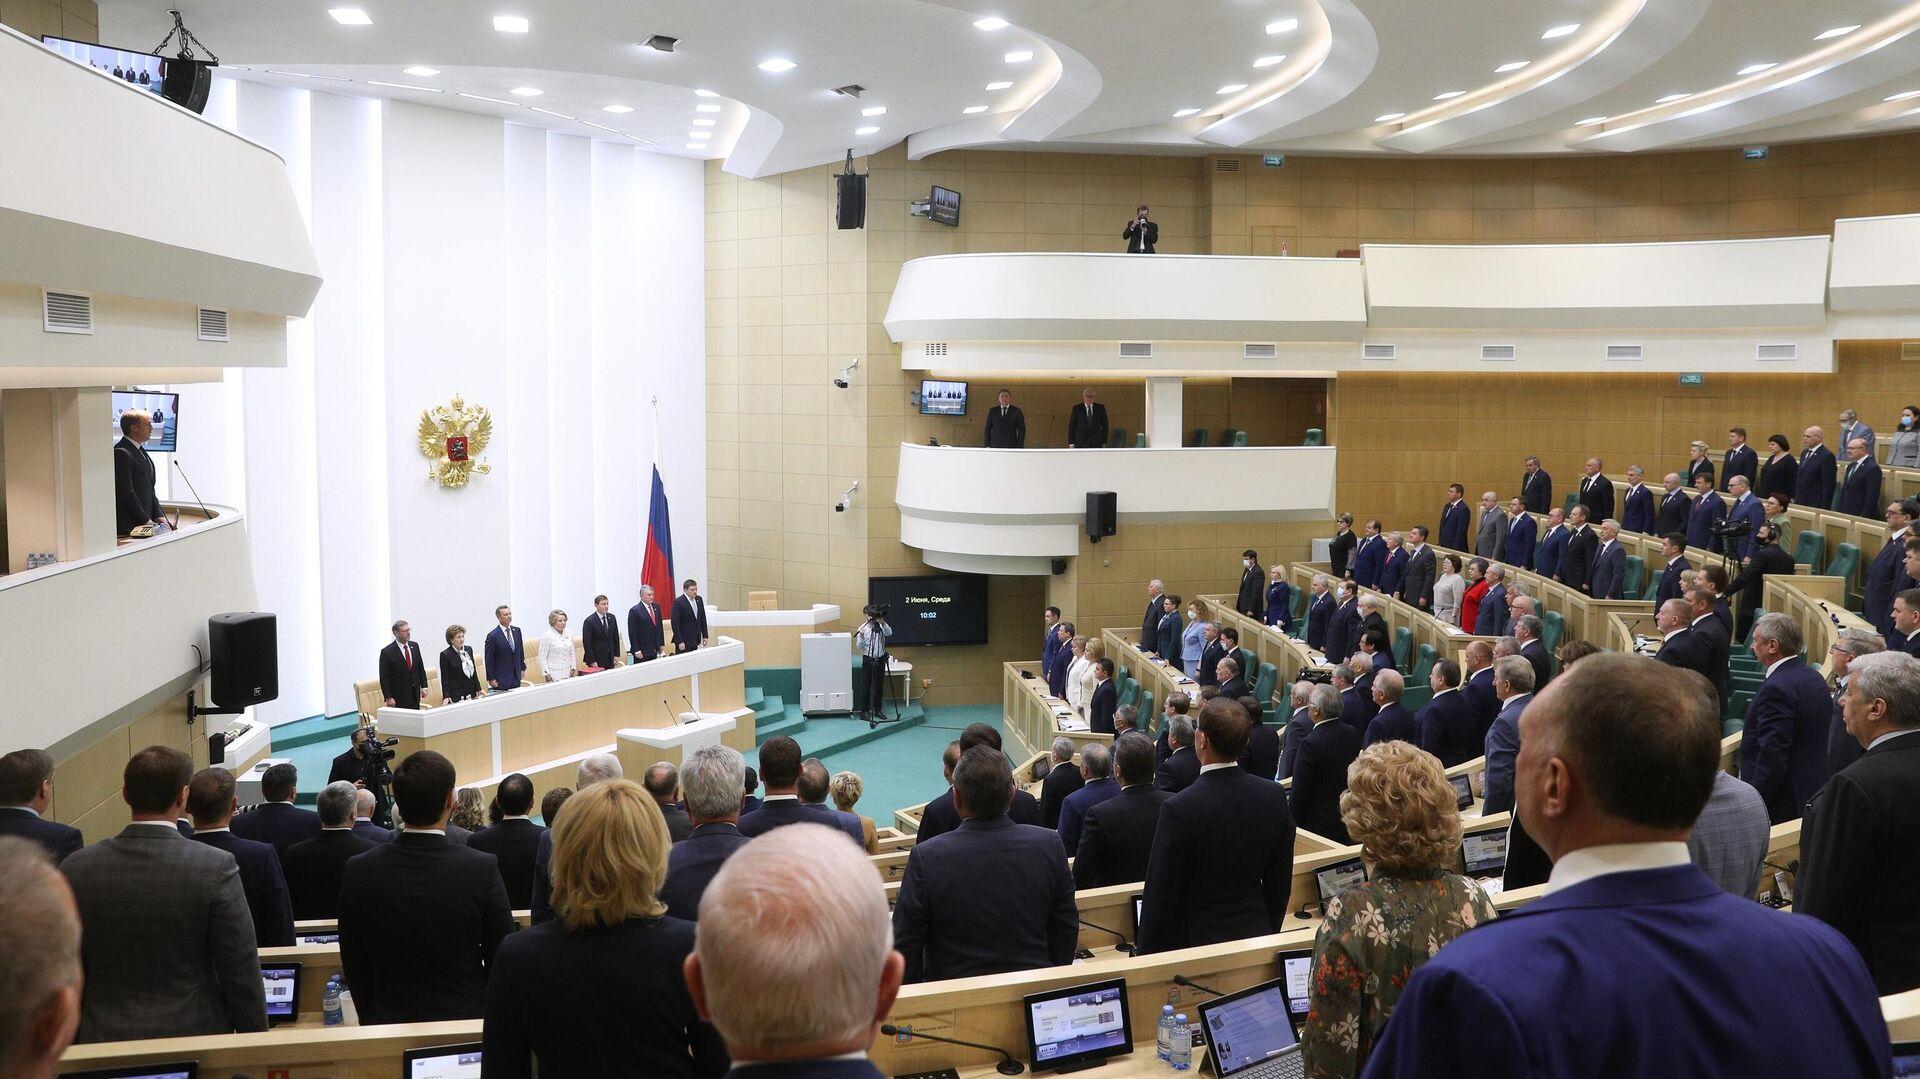 Сенаторы на заседании Совета Федерации РФ - РИА Новости, 1920, 23.06.2021